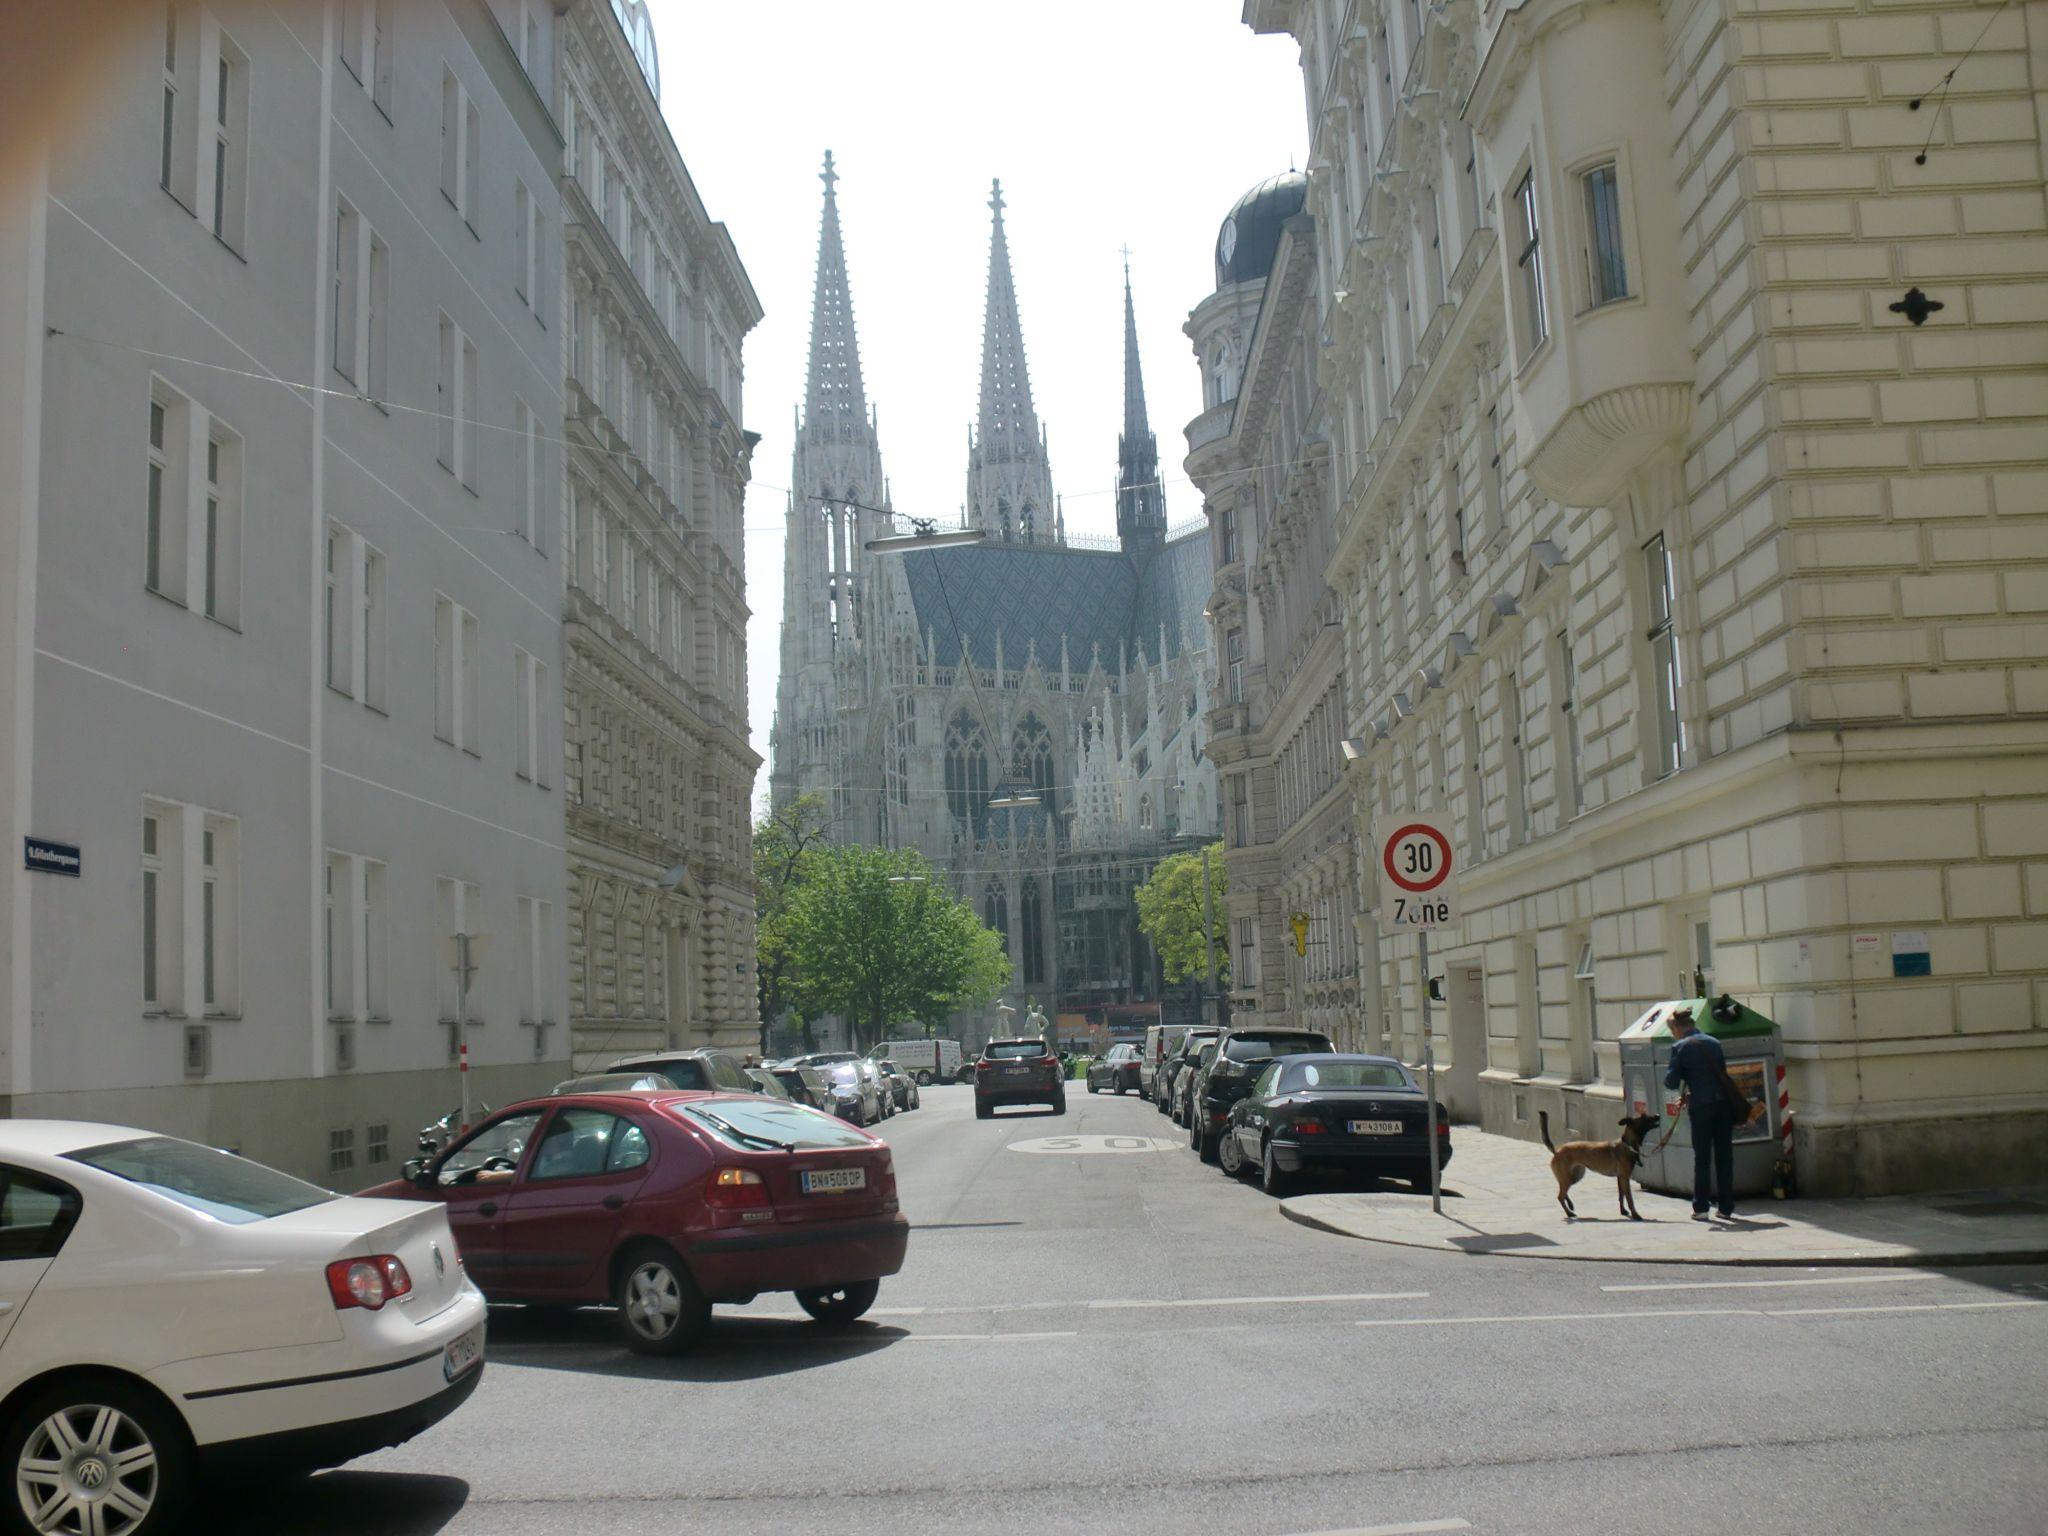 Vienna architecture 24 1440x1080 - Vienna: elegant beauty